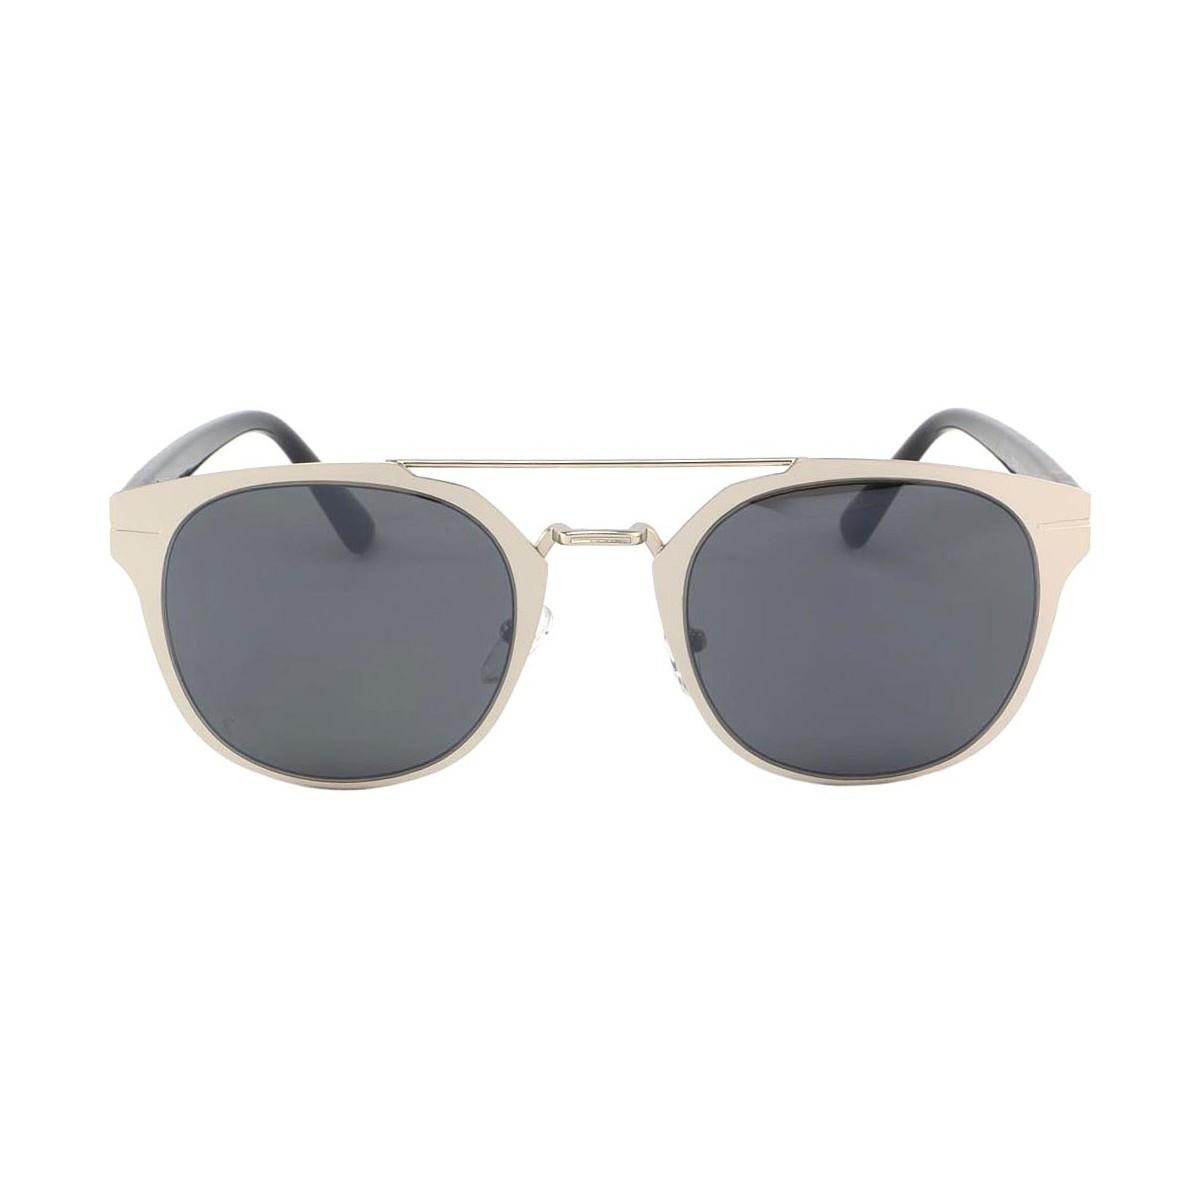 Eye Wear Lunettes de soleil Classique Argent Noir Sturno Gris